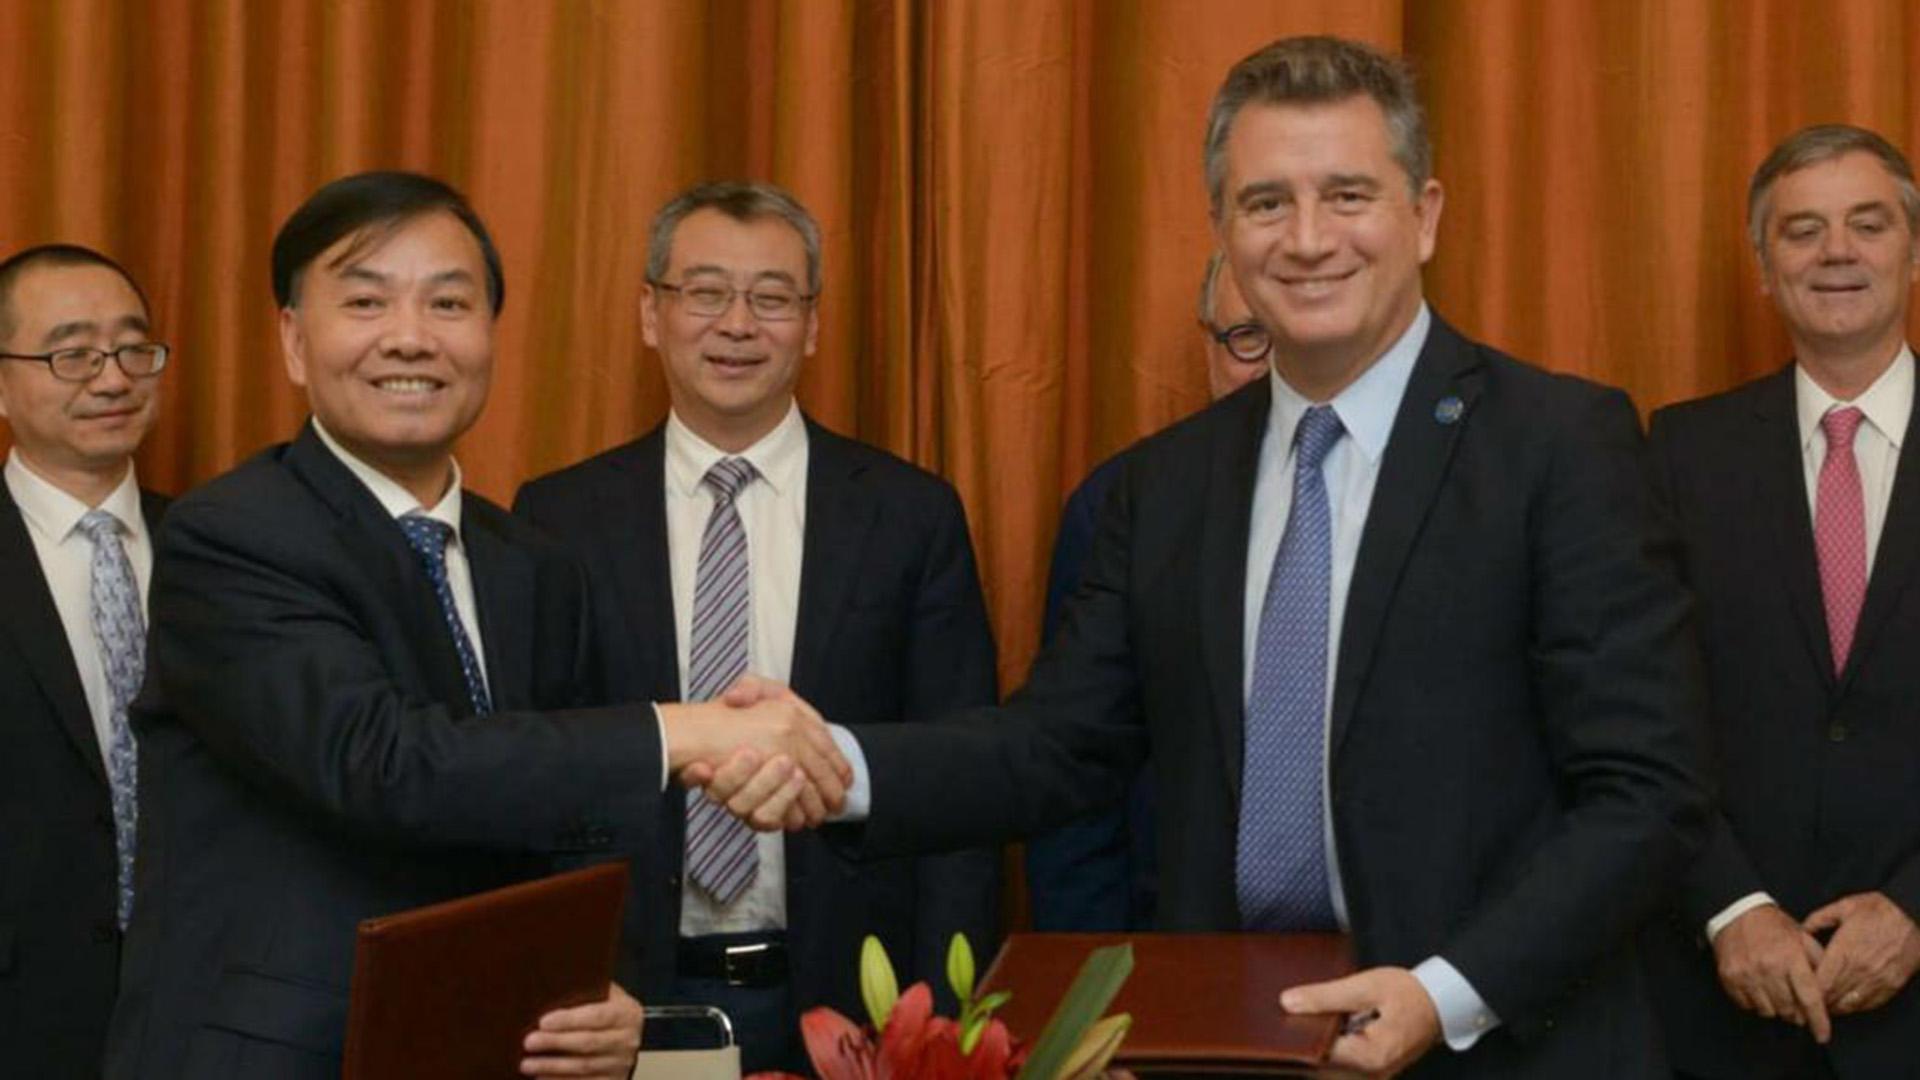 Argentina y China fortalecen su relación comercial. Hoy se firmaron nuevos acuerdos, en el marco del G20.